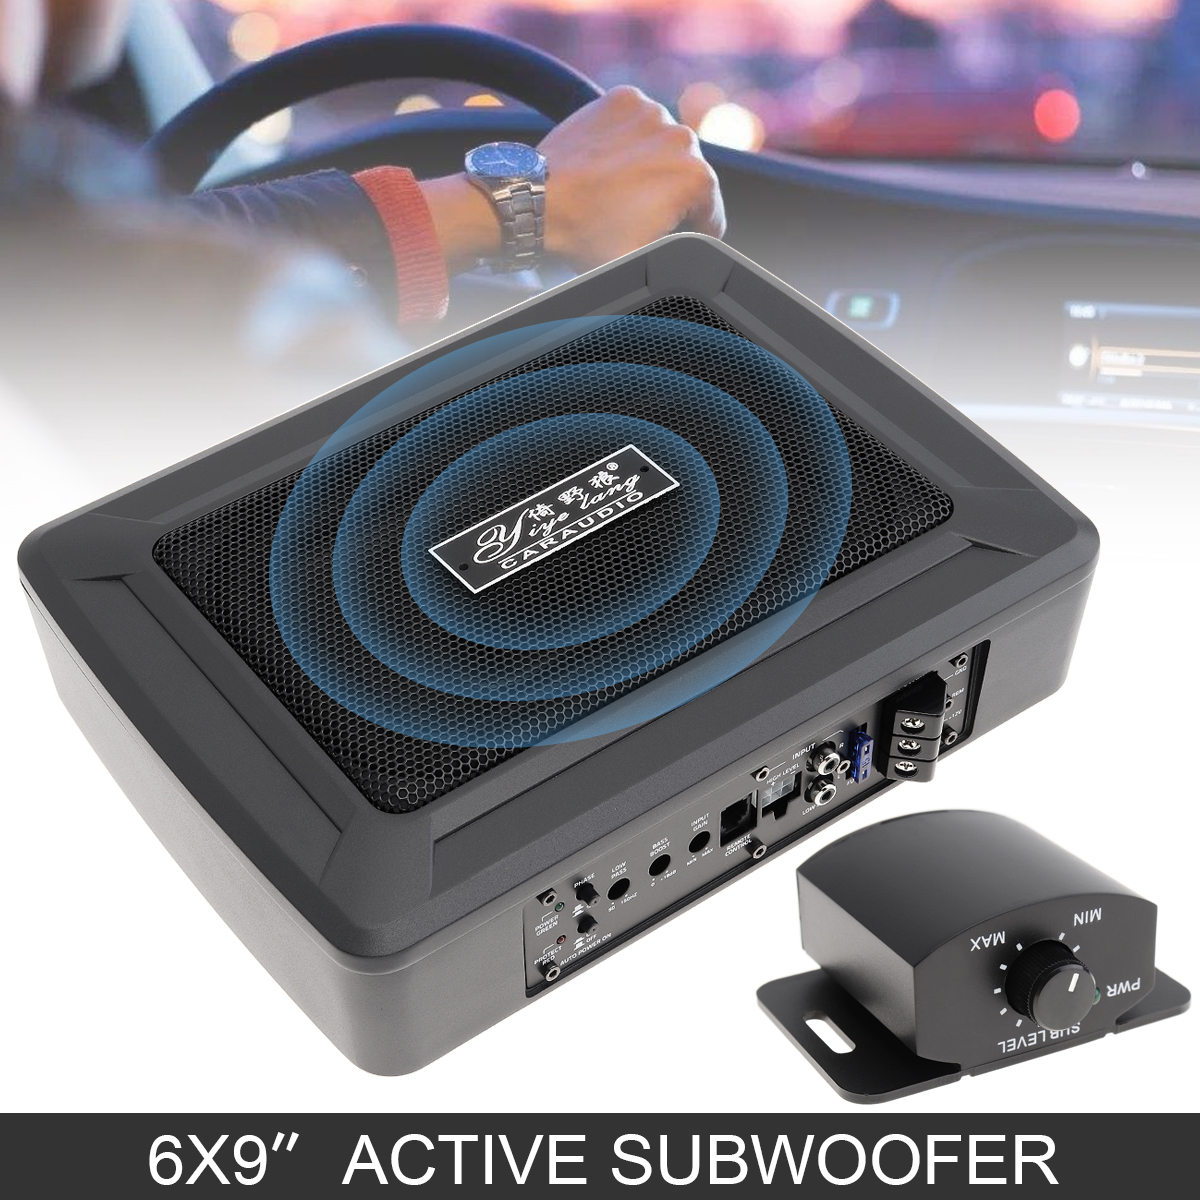 Auto Subwoofer 6X9 Inch 600W Dünne Unter-Sitz Powered Auto Audio Aktive Subwoofer Bass Verstärker Lautsprecher lautsprecher für Auto